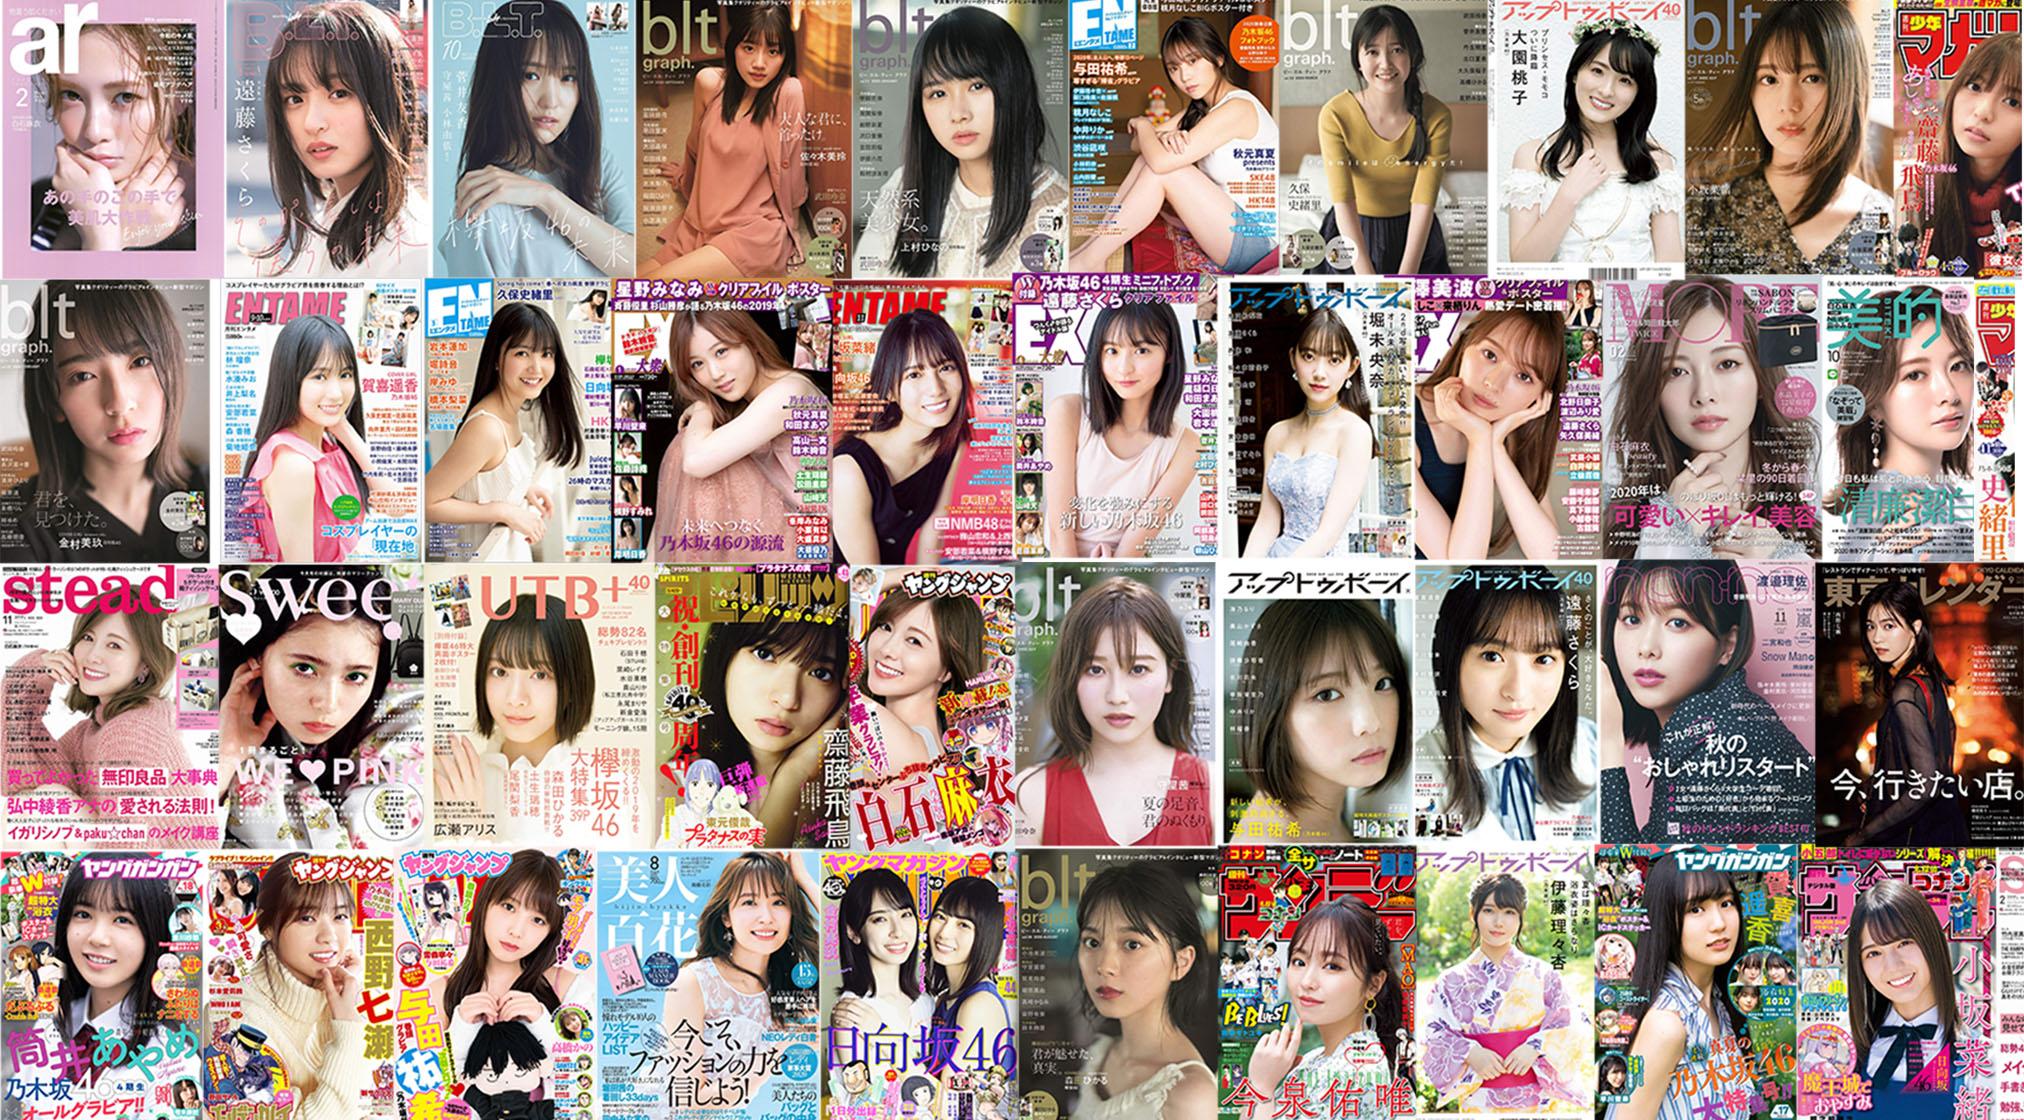 乃木坂46 日向坂46 欅坂46 雑誌表紙